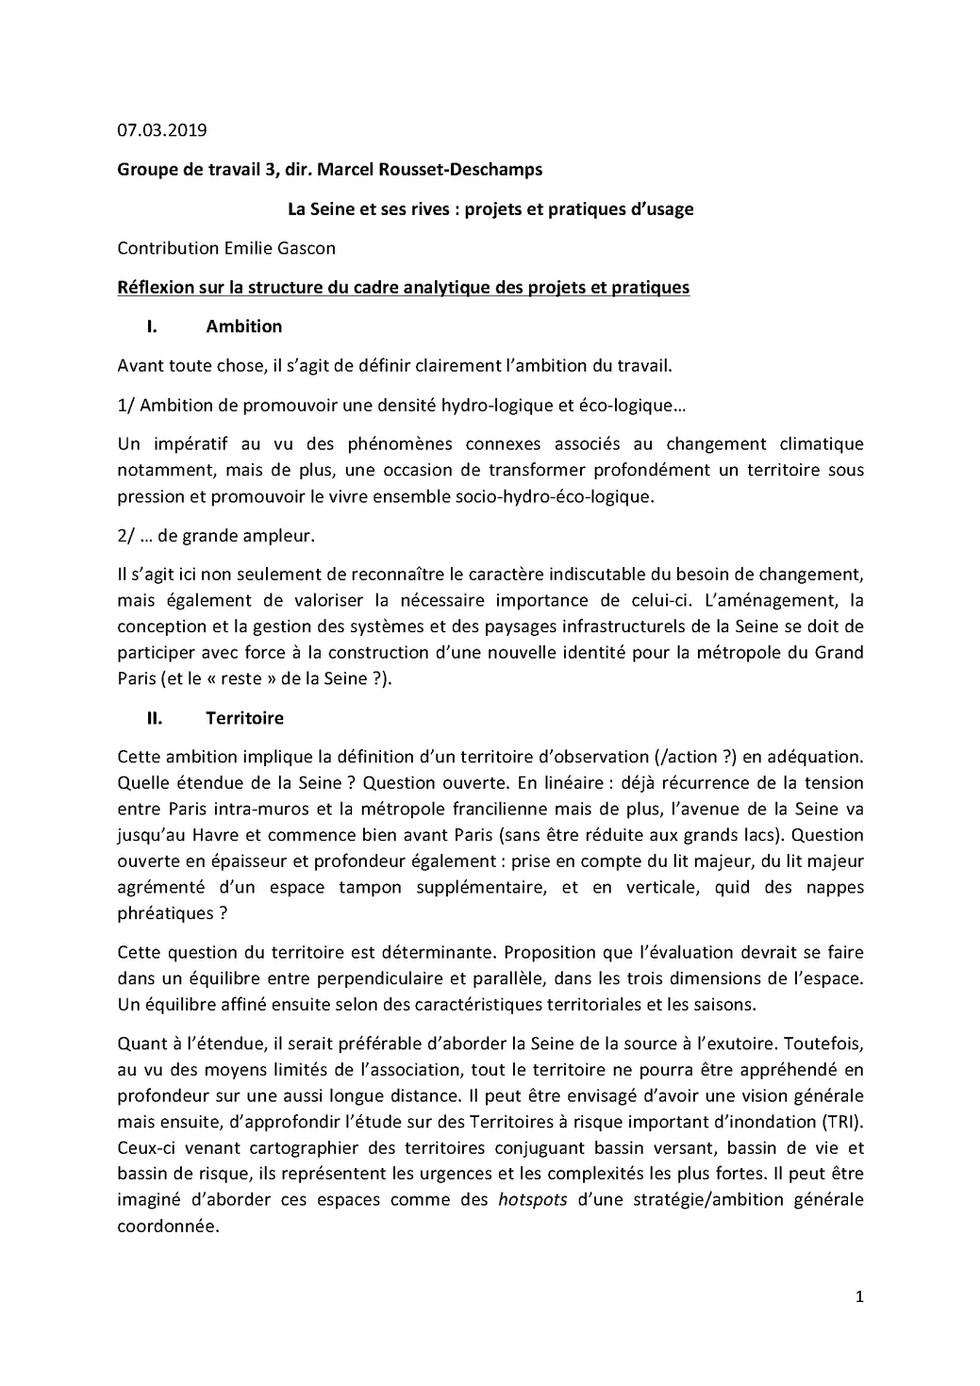 Annexe 2. Contribution d'Emilie Gascon_P